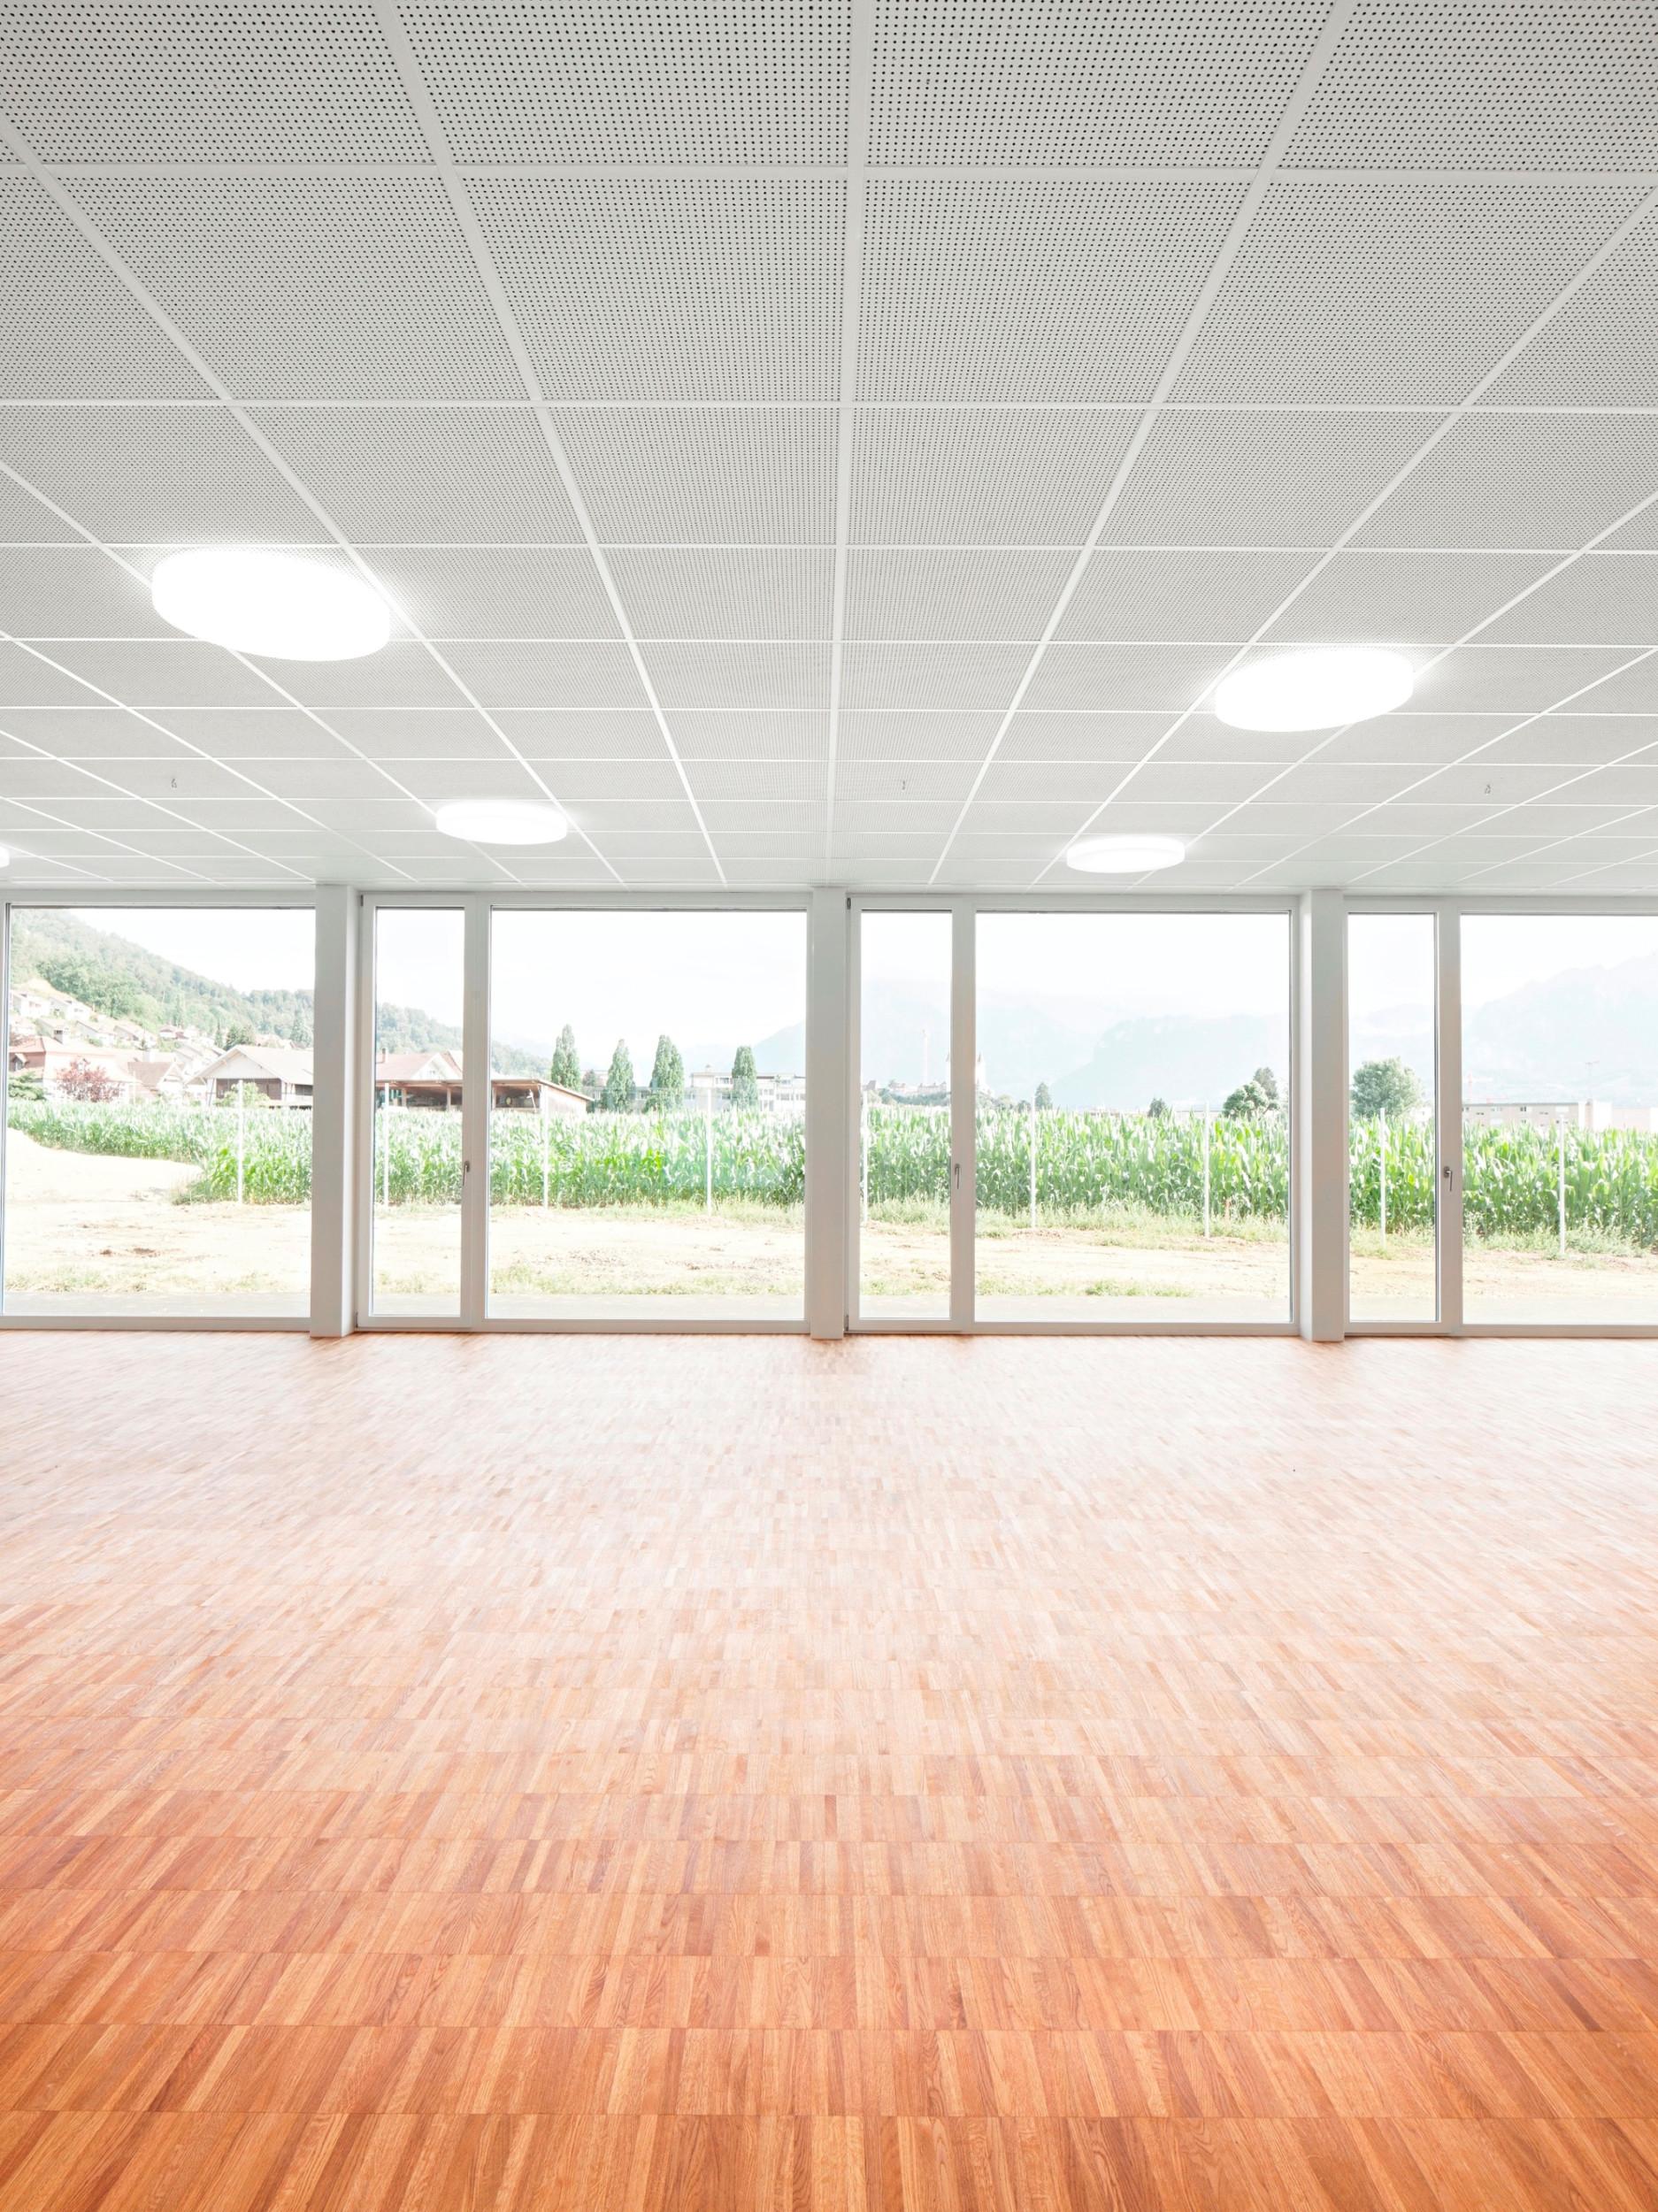 Raum mit raumhohen direkt aneinander liegenden Fensterelementen